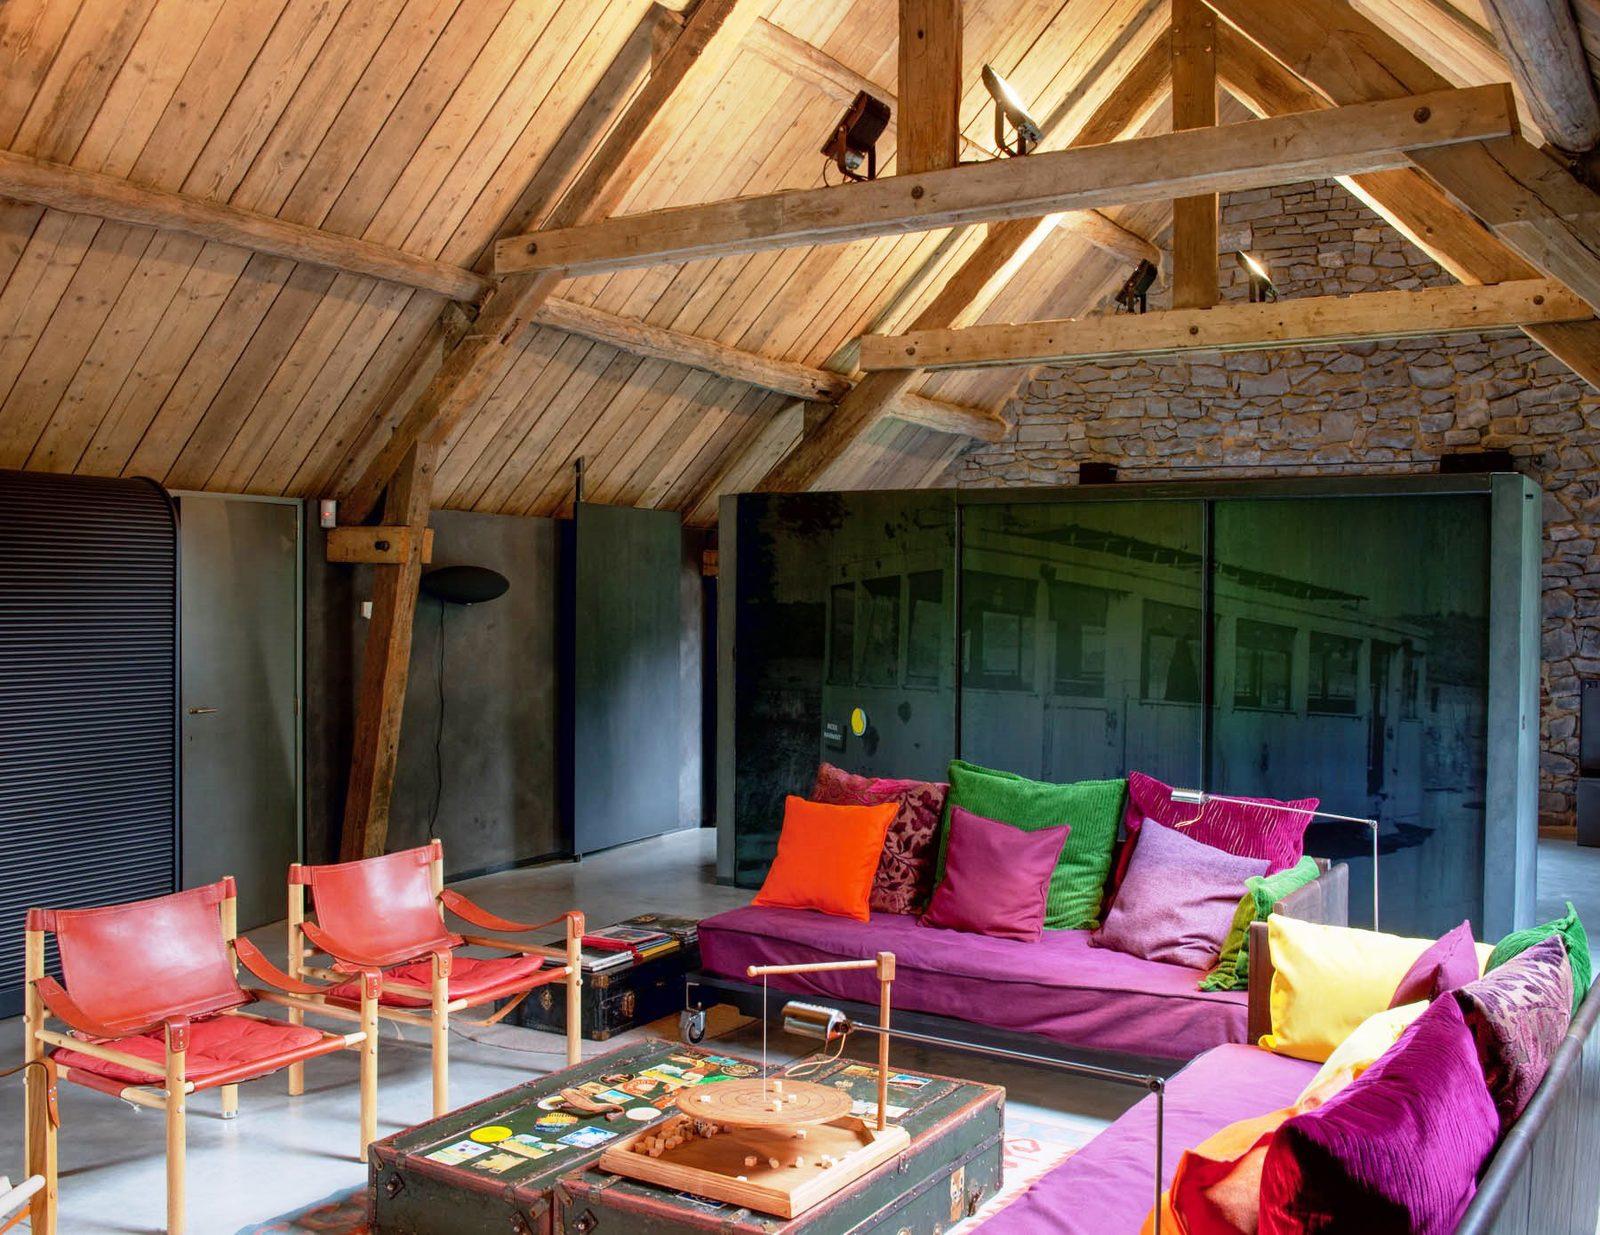 Belgie, Ardennen, Bioul, la Micheline, luxe, hip, design, groot vakantiehuis, Station